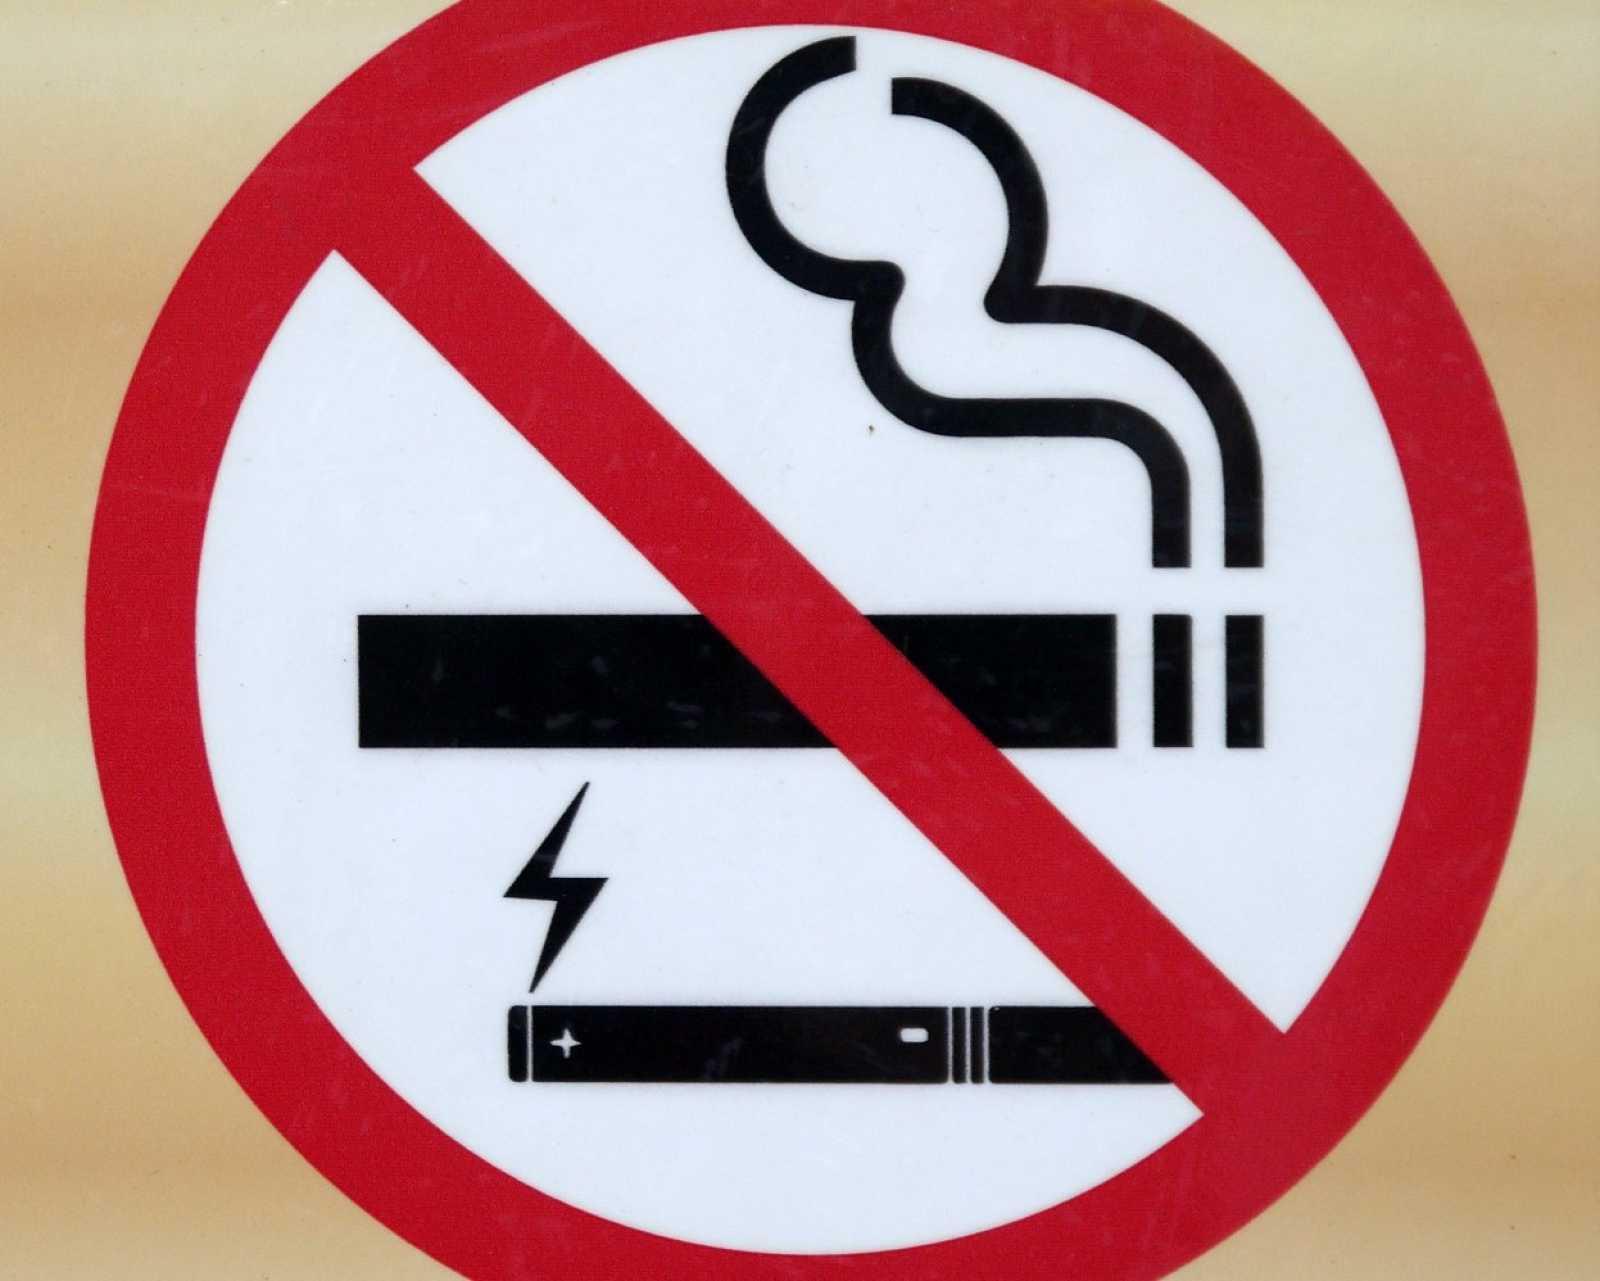 Adicciones - Libre de tabaco en Finlandia - 03/03/21 - Escuchar ahora